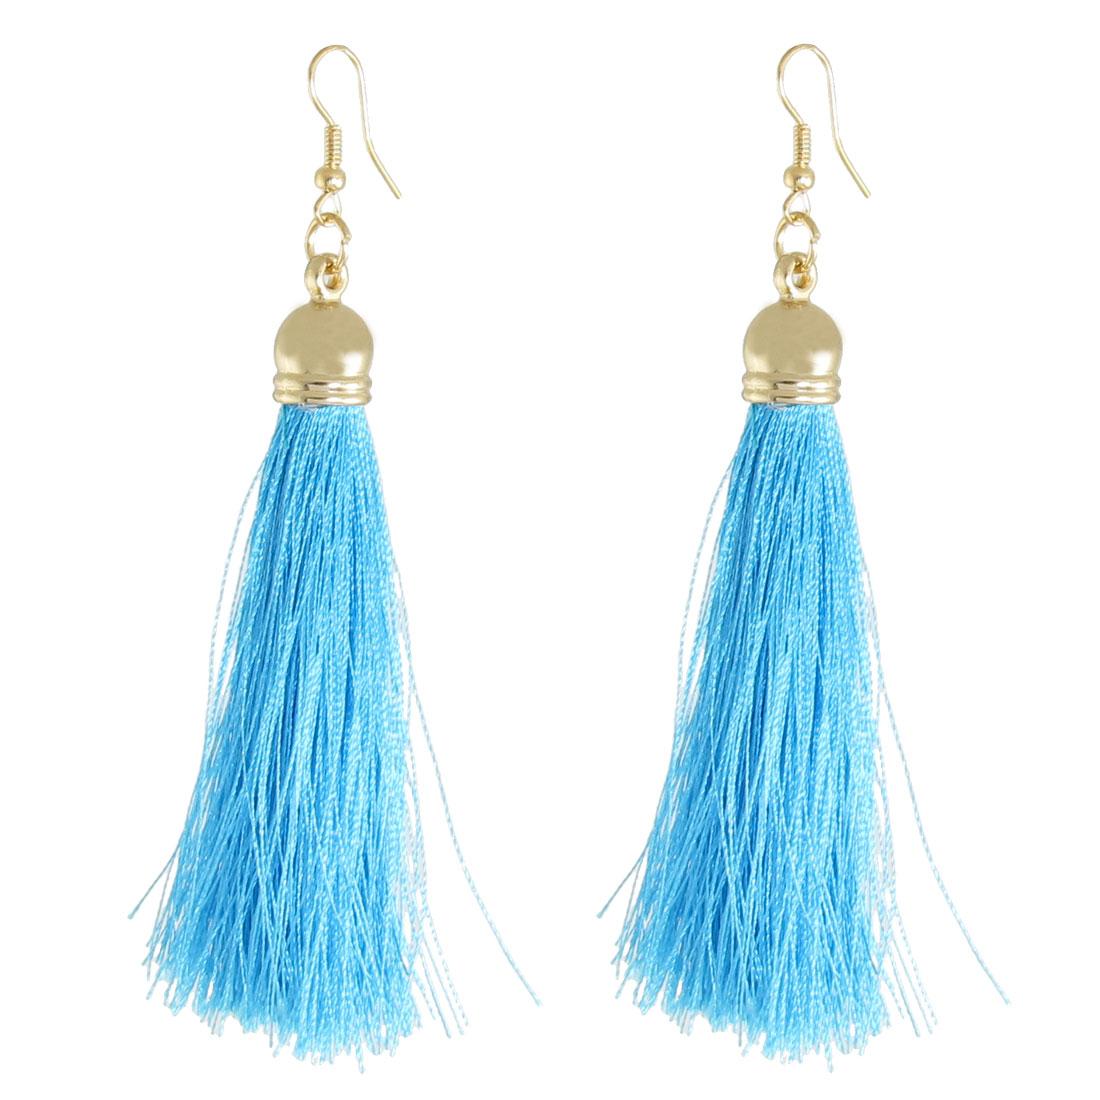 Woman Decoration Nylon Tassel Pendant Dangler Hook Earrings Blue Pair